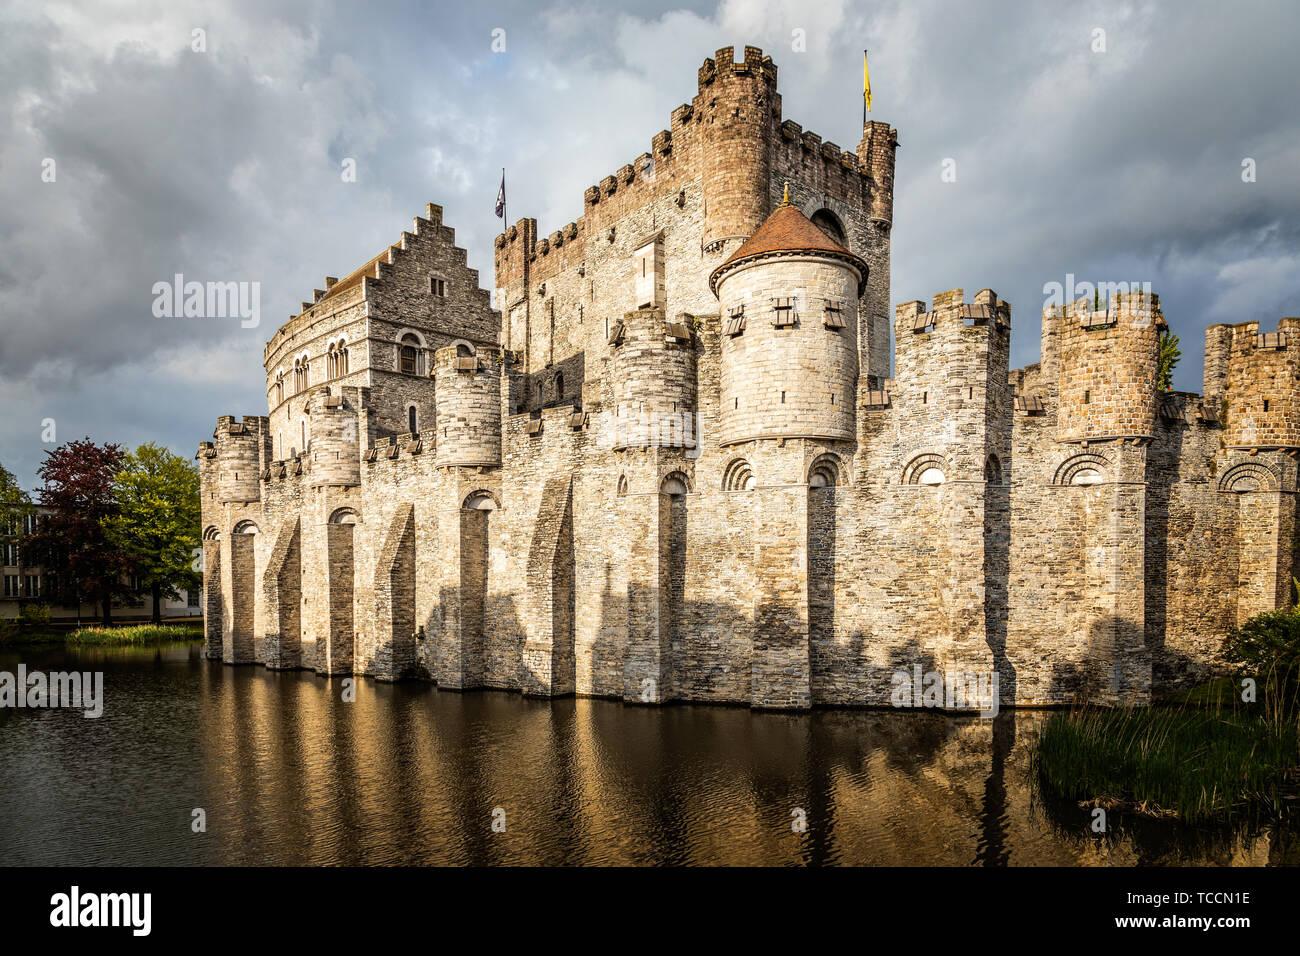 Murallas y torres de Gravensteen castillo medieval con foso en primer plano, Gante, Bélgica Flandes Oriental Foto de stock